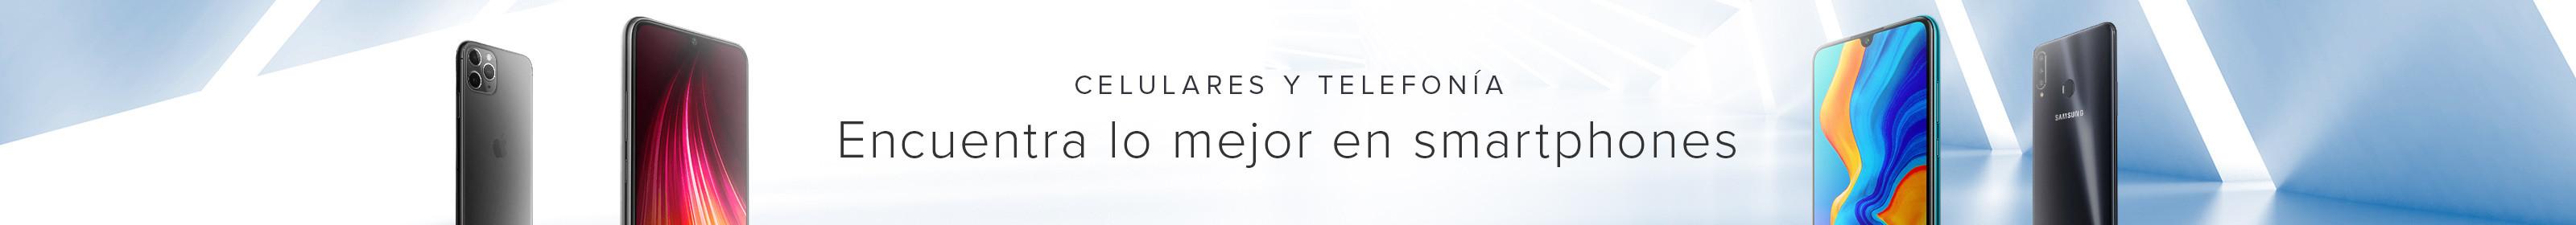 CELULARES_Y_TELEFONIA